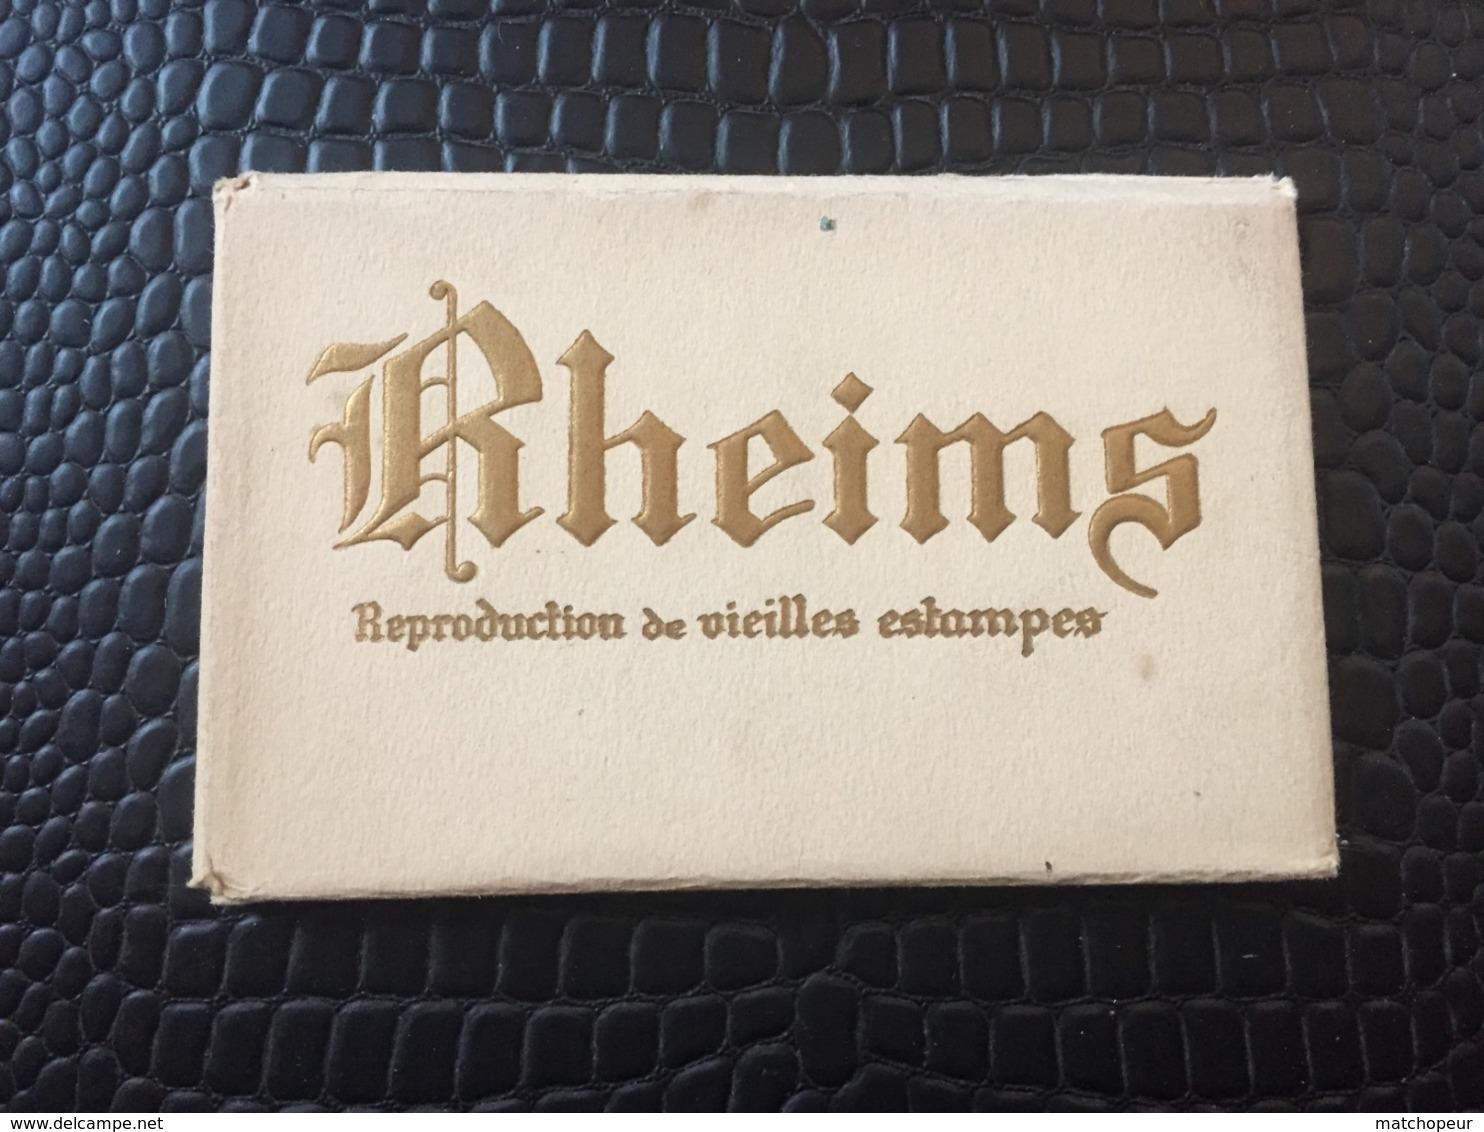 POCHETTE DE 12 REPRODUCTIONS DE VIEILLES ESTAMPES RHEIMS ANCIEN - REIMS - Arts